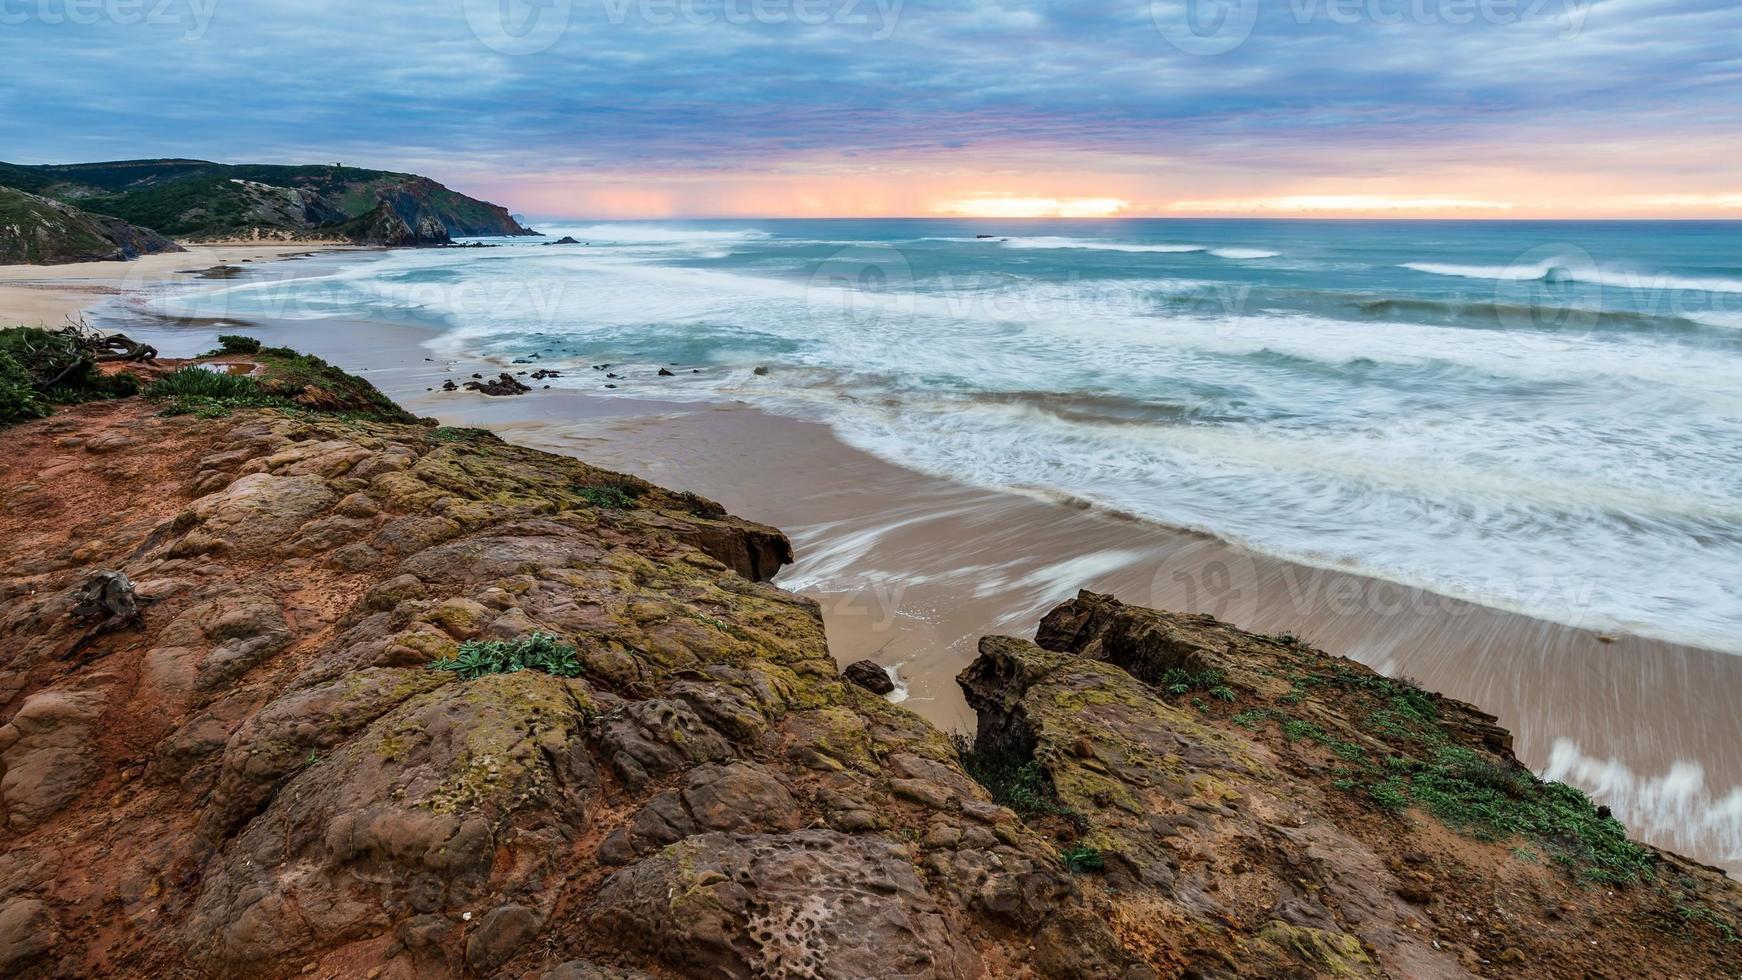 pôr do sol na costa oeste de portugals perto de Sagres foto